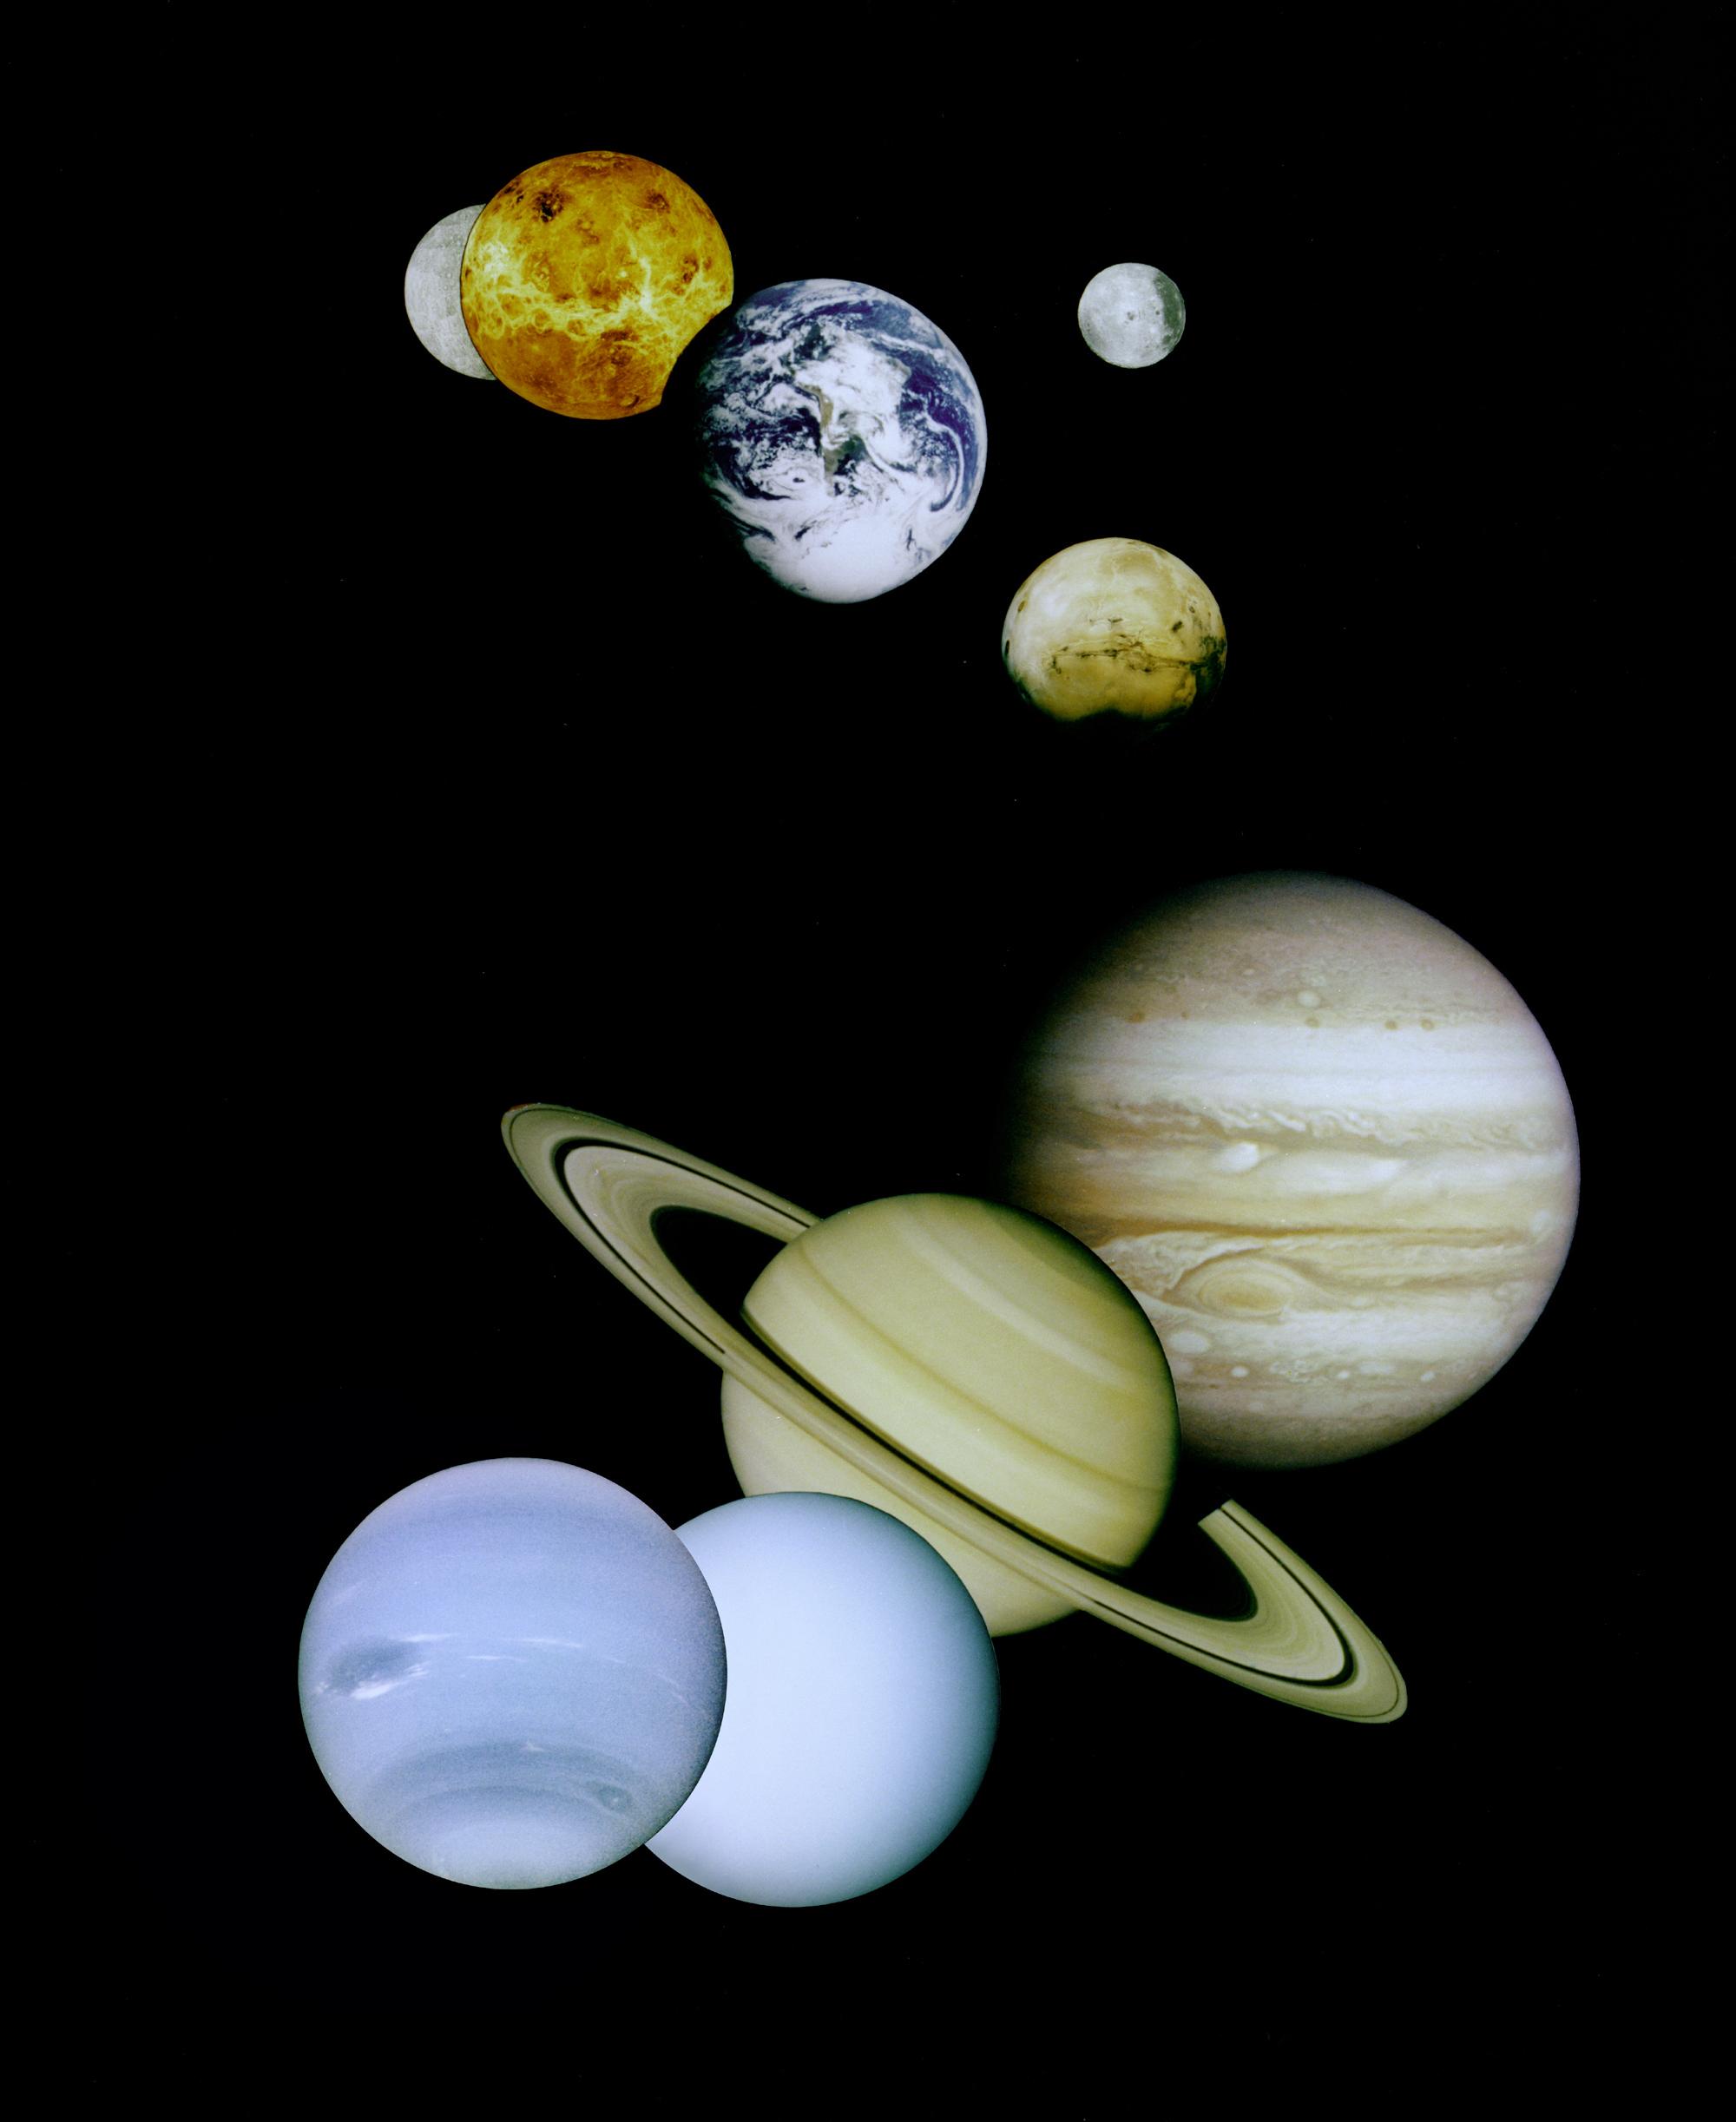 Schoenitzer.de: Astronomie -- Eine Kleine Erklärung Der innen Unterschied Zwischen Stern Und Planet